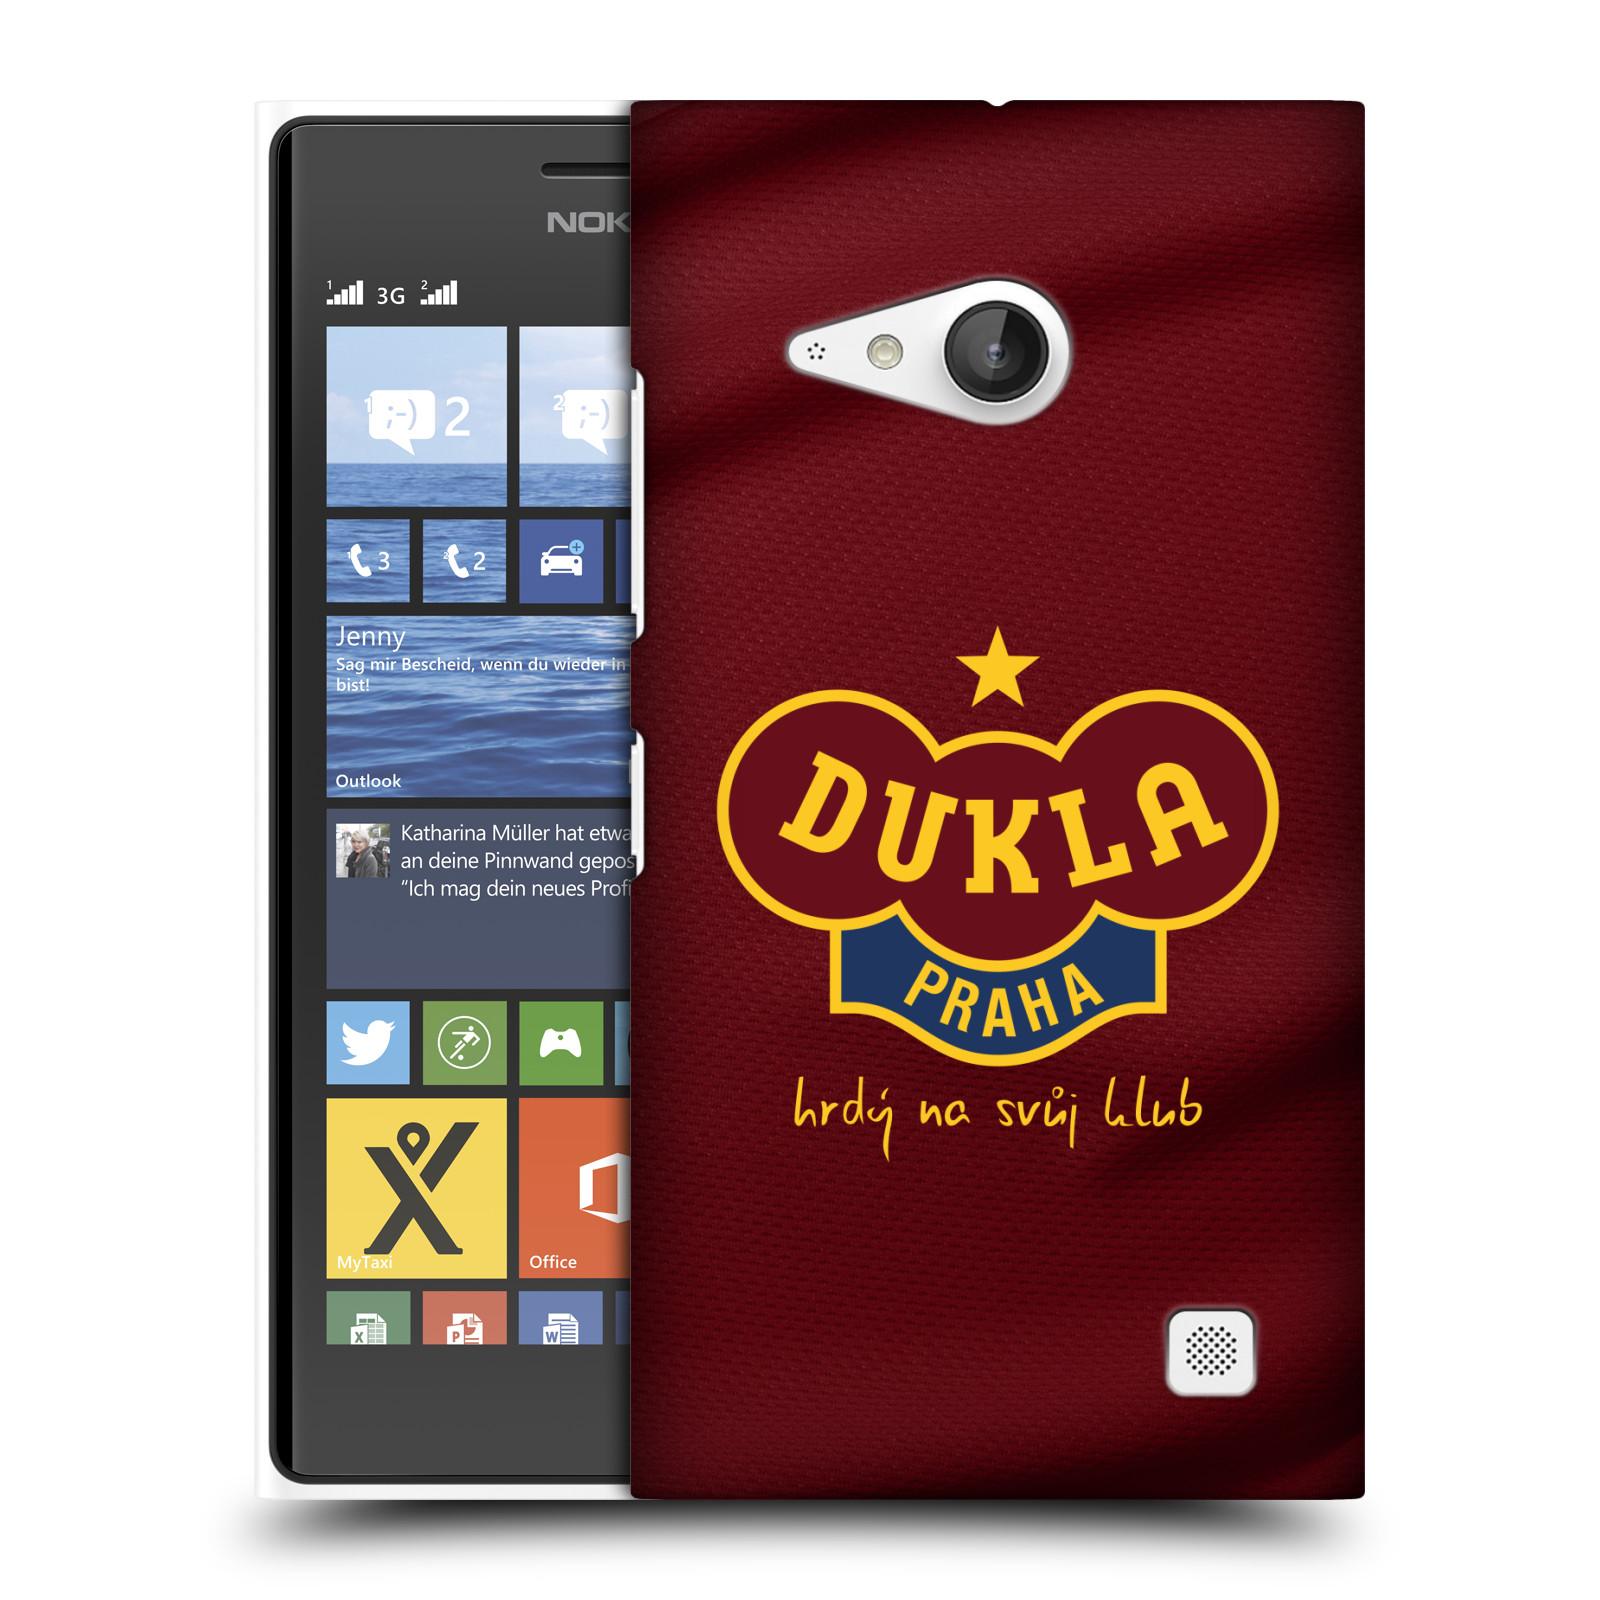 Plastové pouzdro na mobil Nokia Lumia 730 Dual SIM - FK Dukla Praha - Vínově červený dres (Plastový kryt či obal na mobilní telefon s oficiálním motivem FK Dukla Praha - Vínově červený dres pro Nokia Lumia 730 Dual SIM)